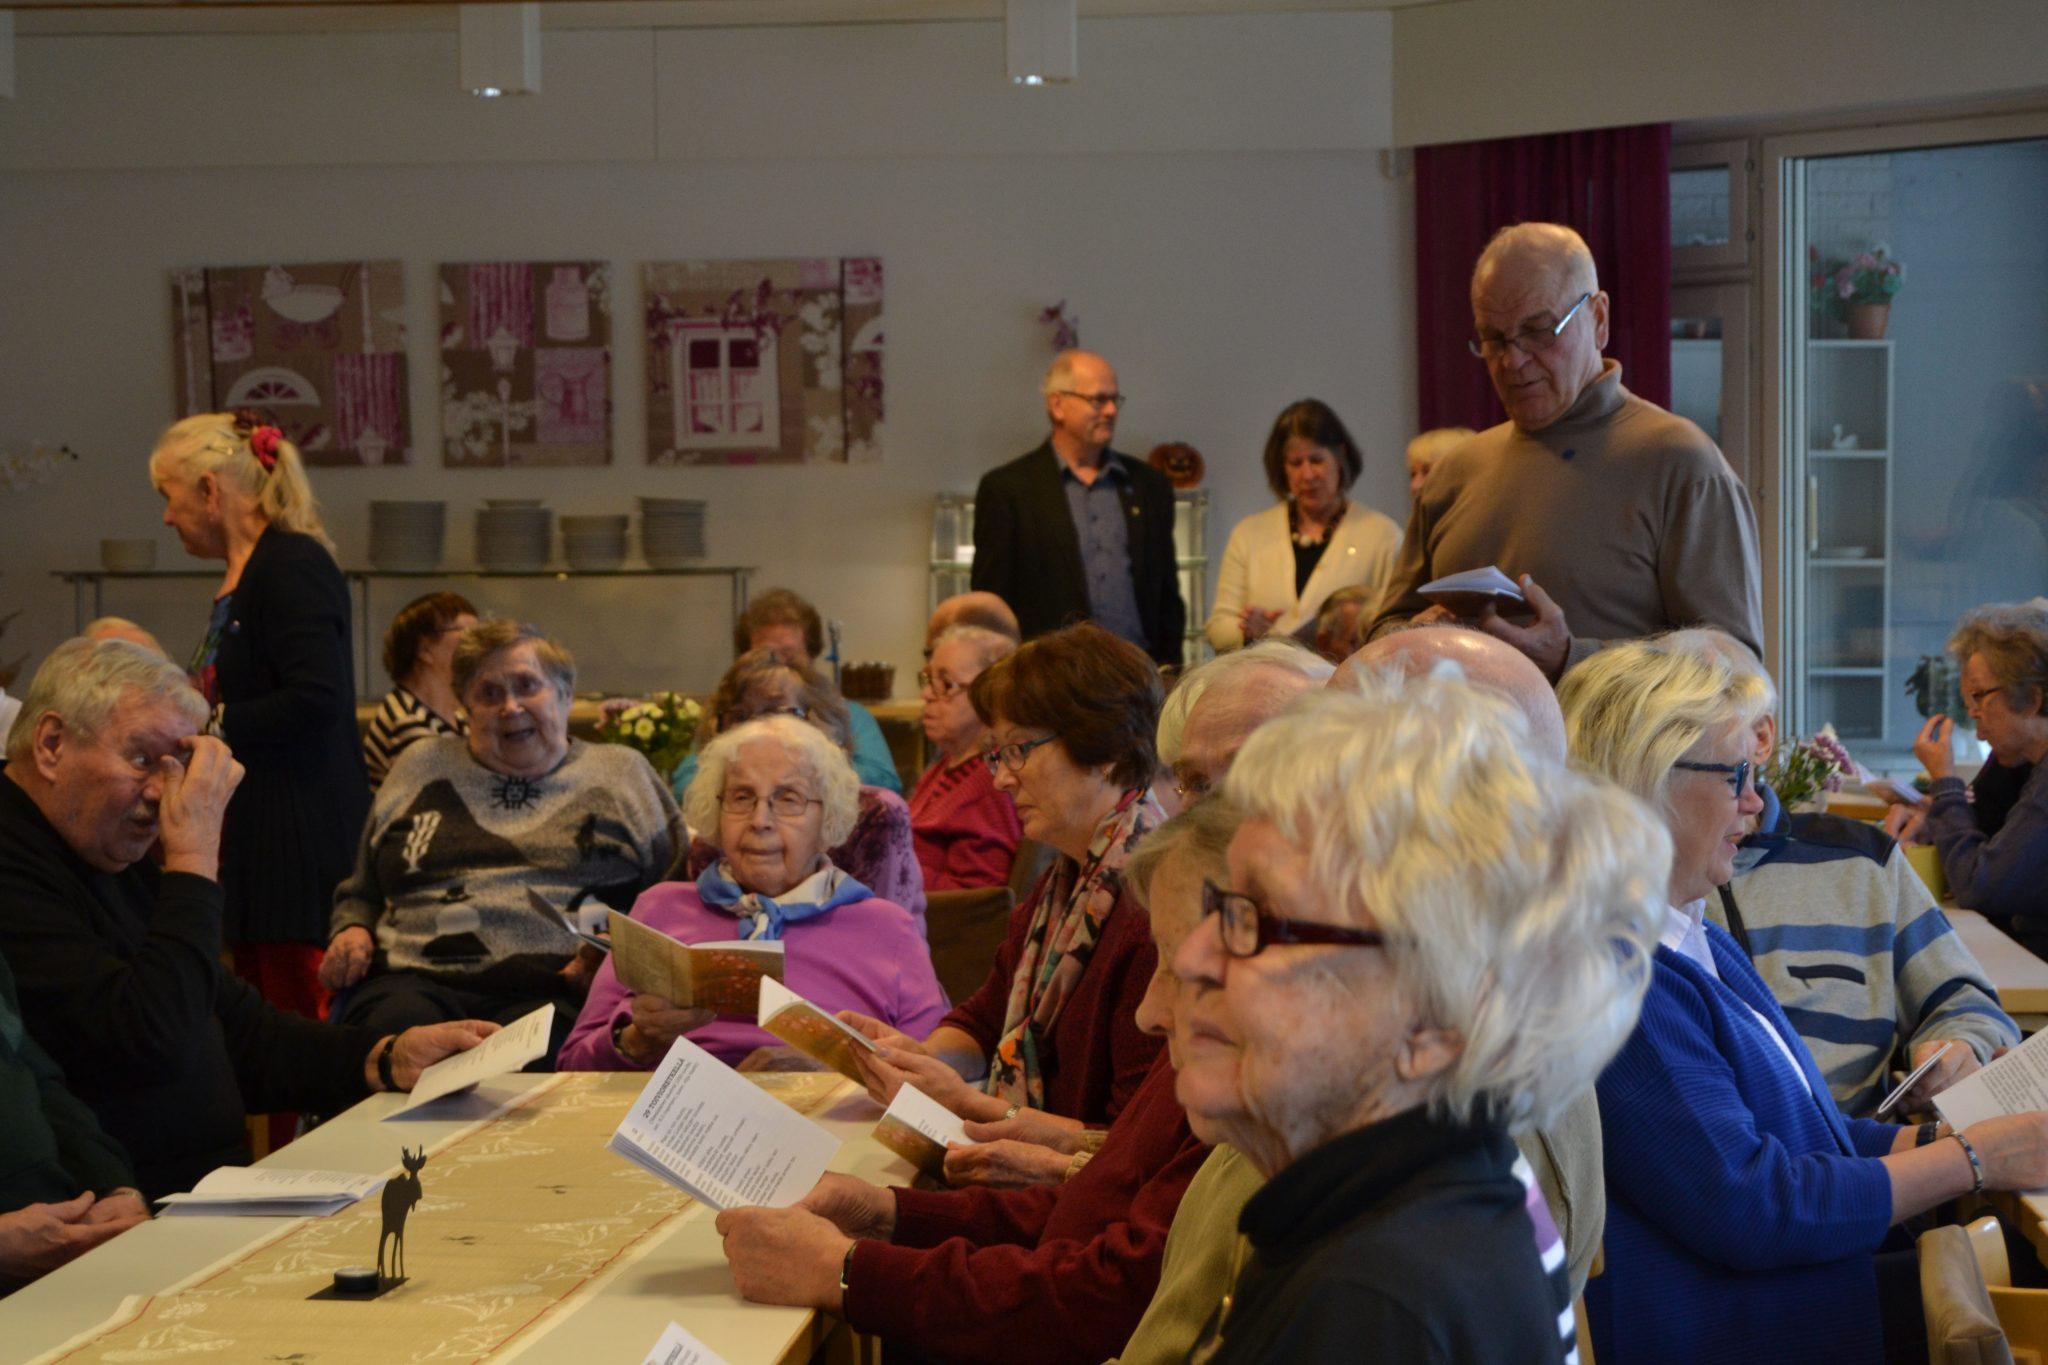 Yhteislaulu innosti osallistujat laulamaan